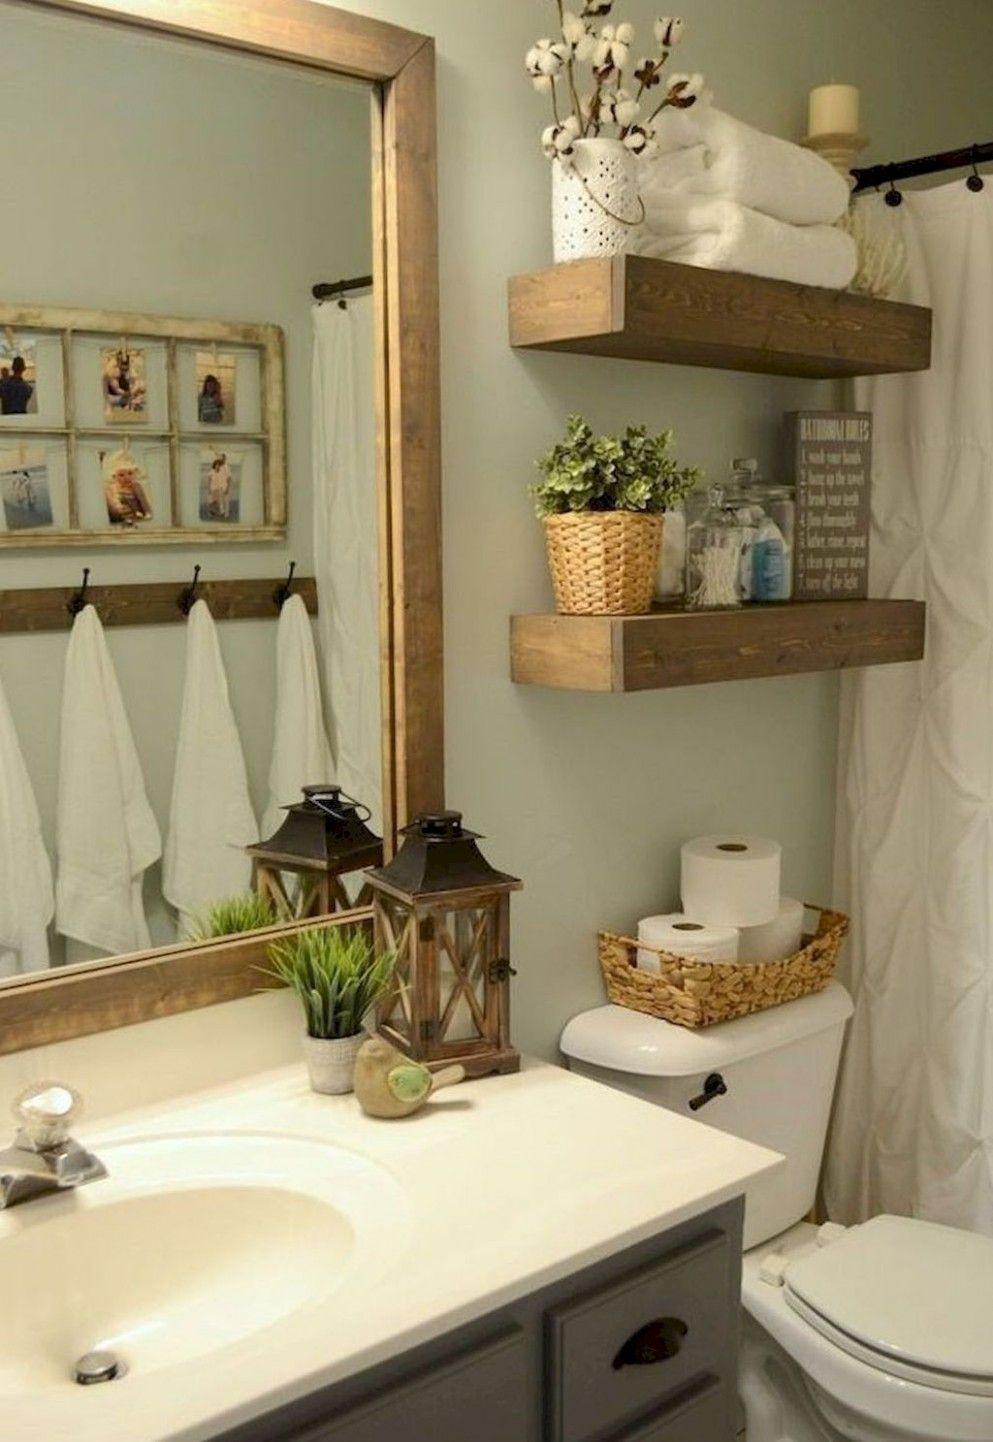 Modern Beige Bathroom Ideas in 2020 | Small bathroom decor ...